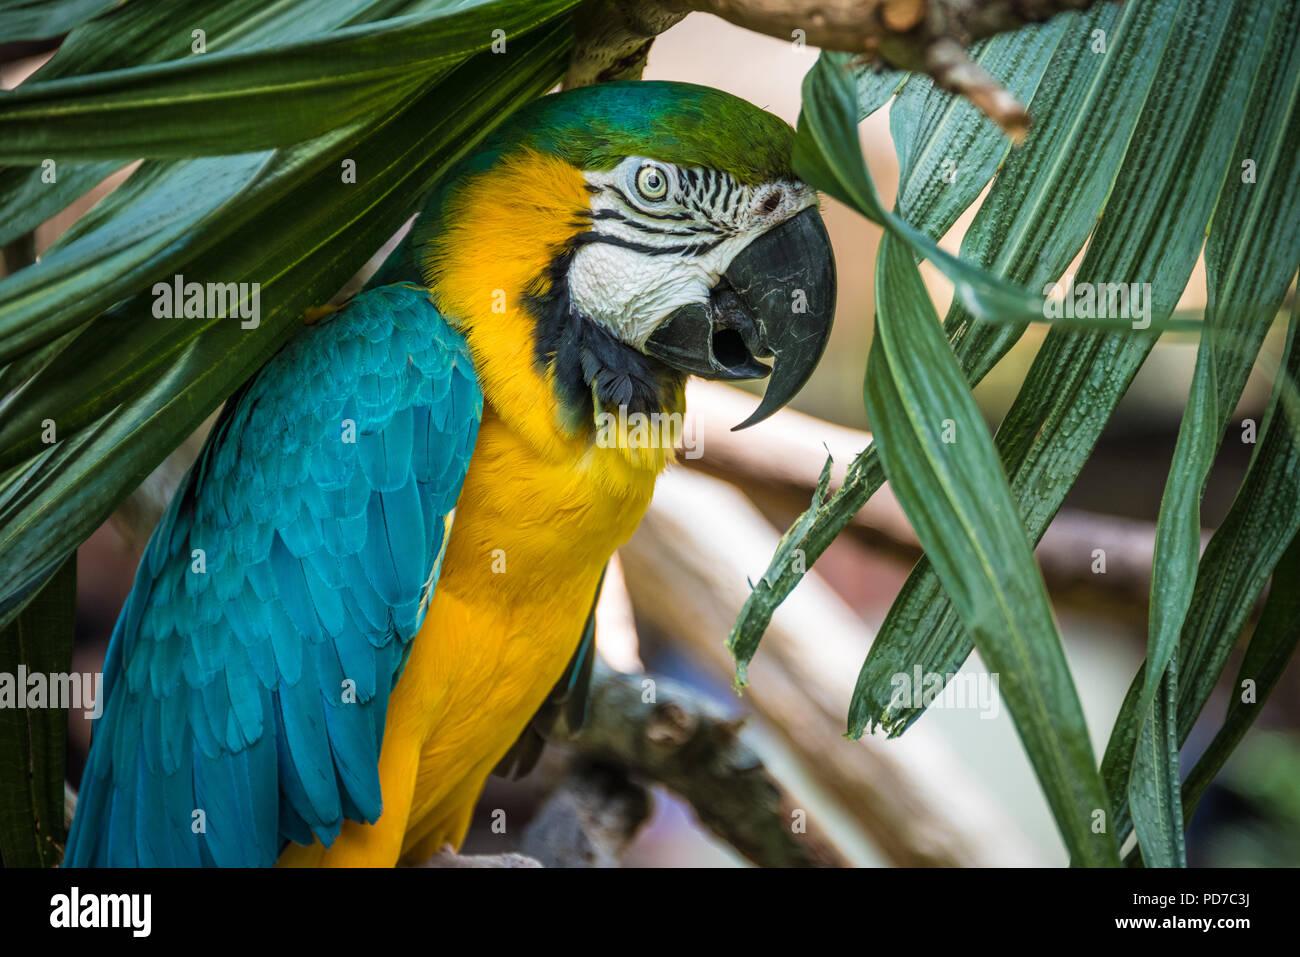 Eine bunte Blau-gelbe Ara (auch als Blau und Gold macaw bekannt) im St. Augustine Alligator Farm Tierpark in St. Augustine, FL. (USA) Stockbild